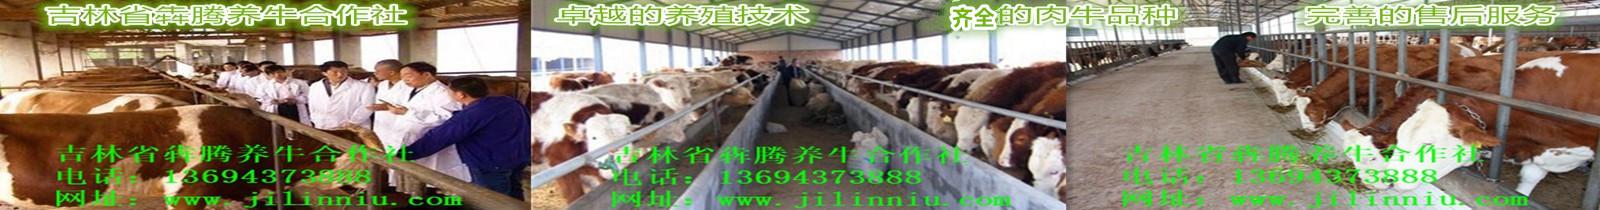 3肉牛|西门塔尔牛|肉牛价格|牛犊|牛犊价格|肉牛养殖|吉林肉牛|东北肉牛|母牛